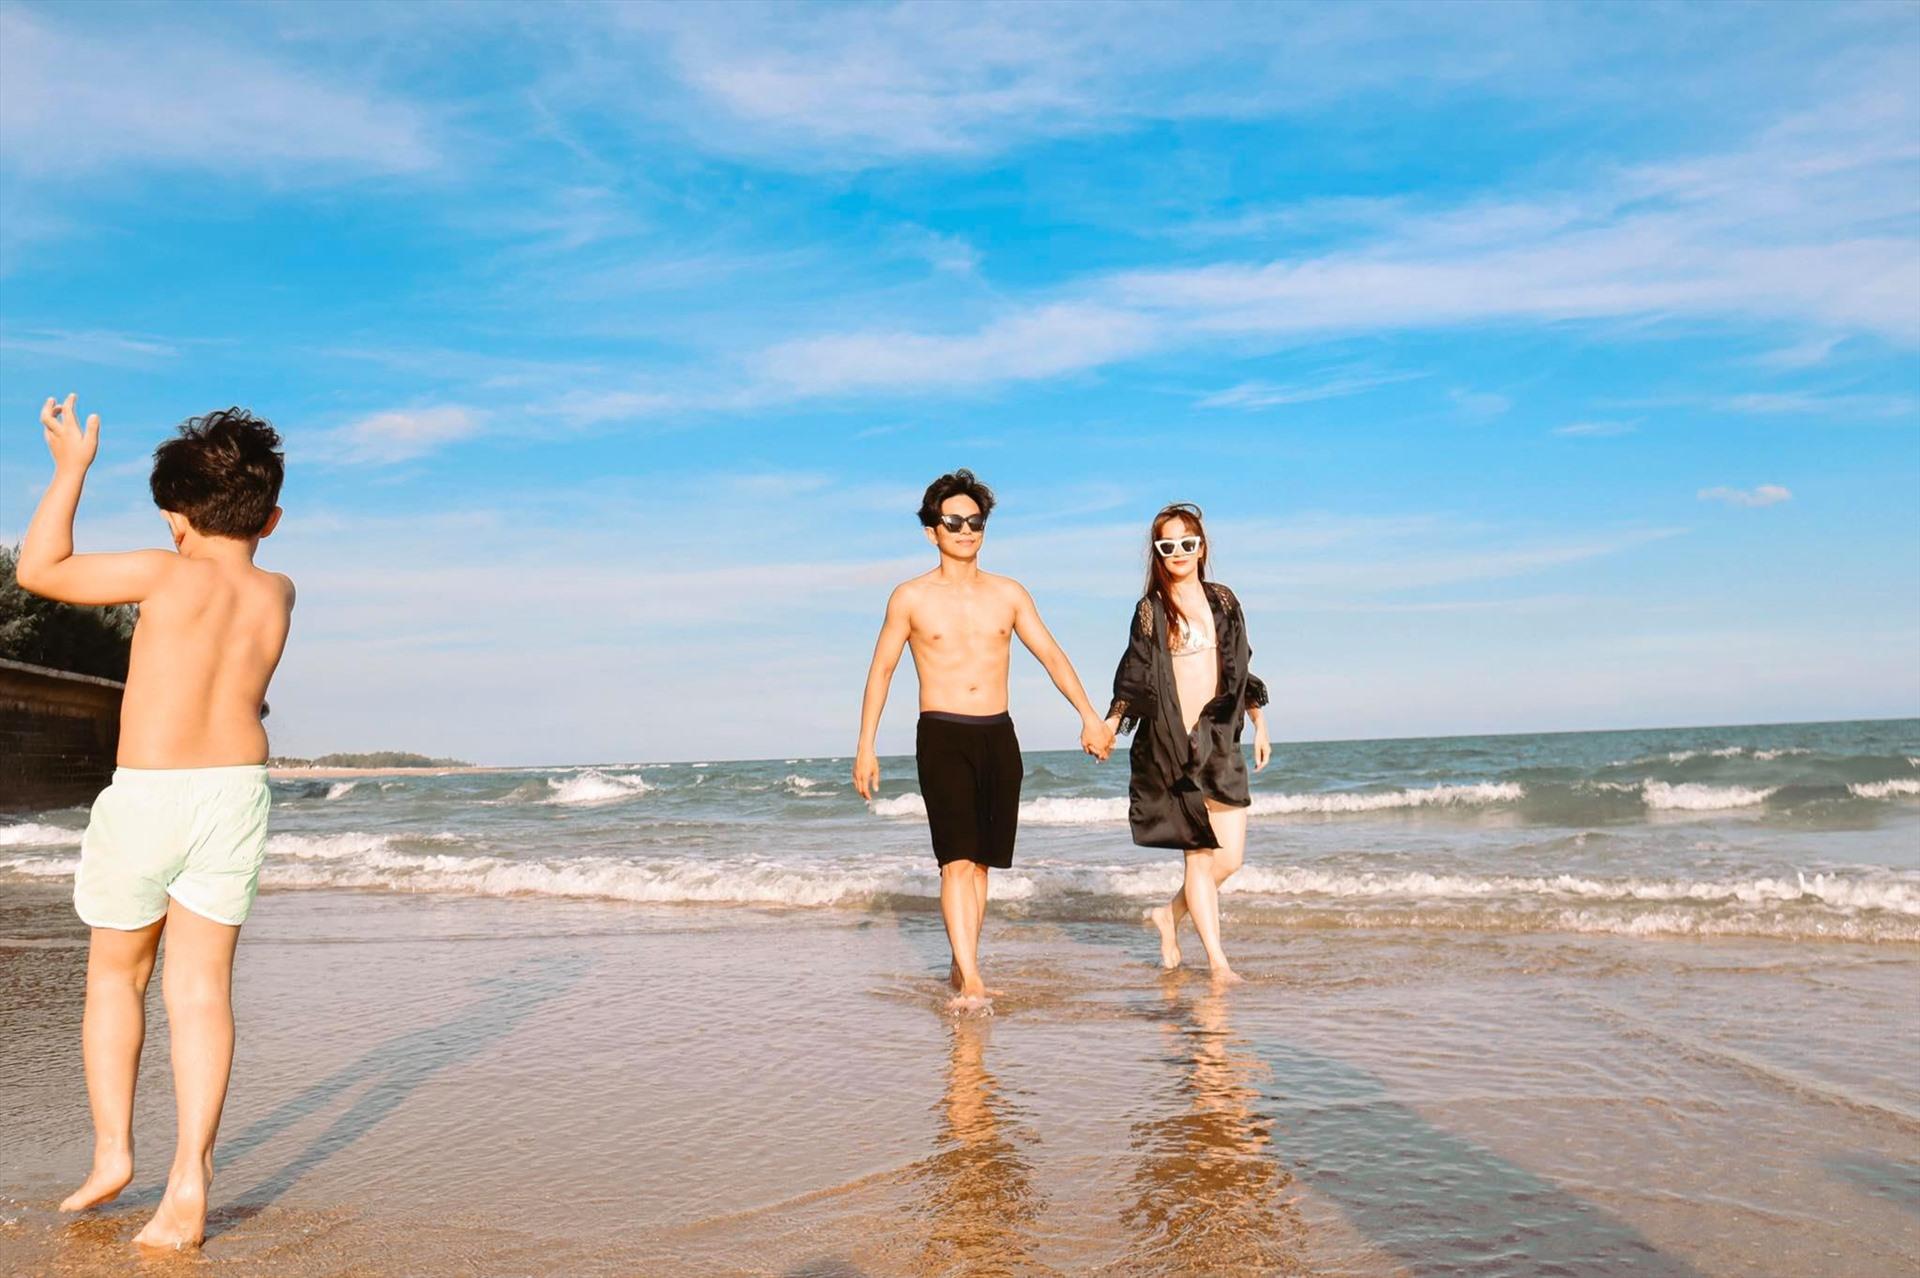 Vợ chồng Khánh Thi tranh thủ đưa con trai đi nghỉ dưỡng trước khi trở lại với cuộc sống thường nhật. Ảnh: Nhân vật cung cấp.